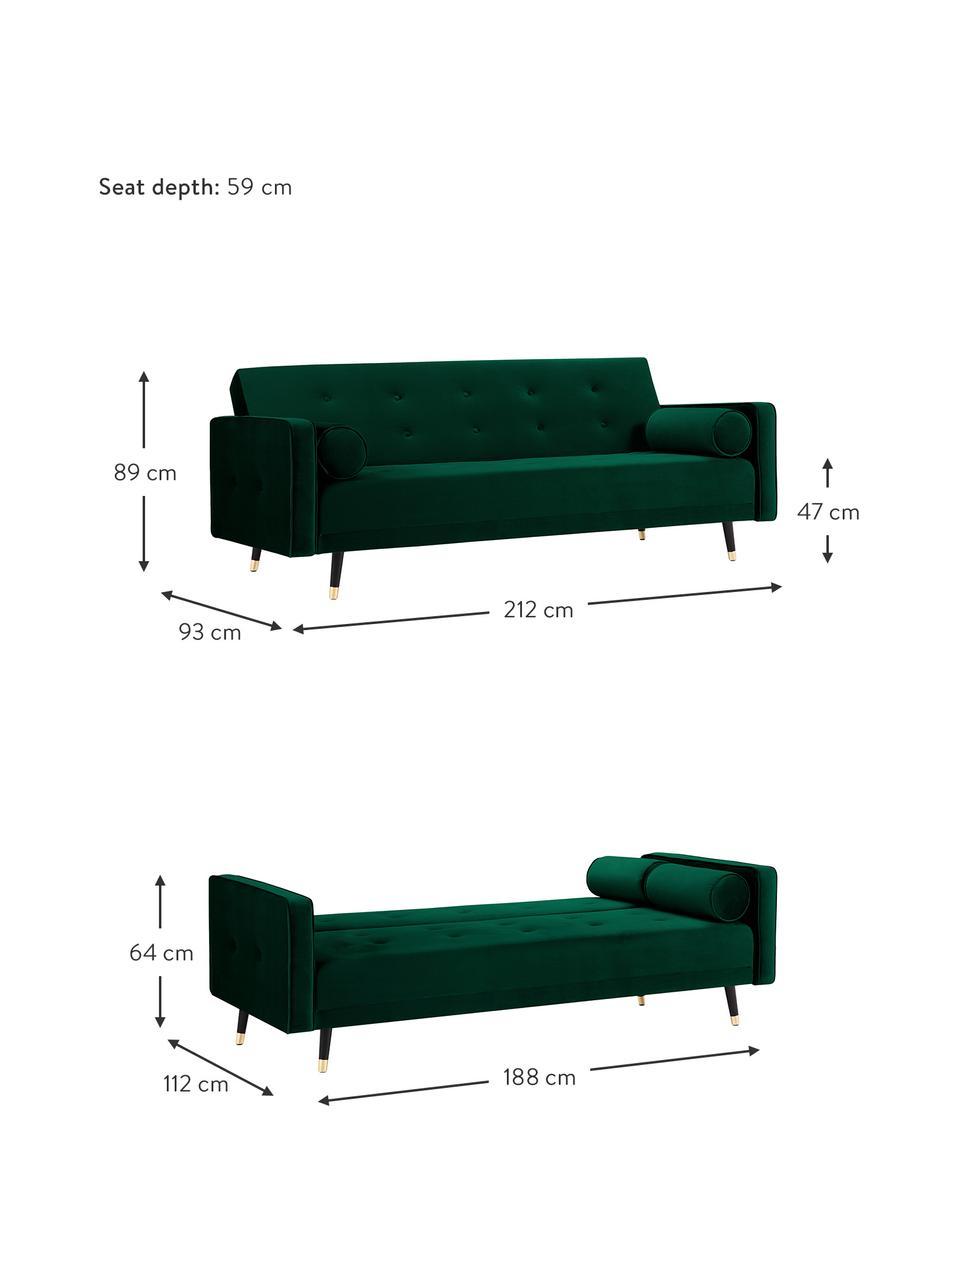 Divano letto 3 posti in velluto verde scuro Gia, Velluto verde scuro, Larg. 212 x Prof. 93 cm